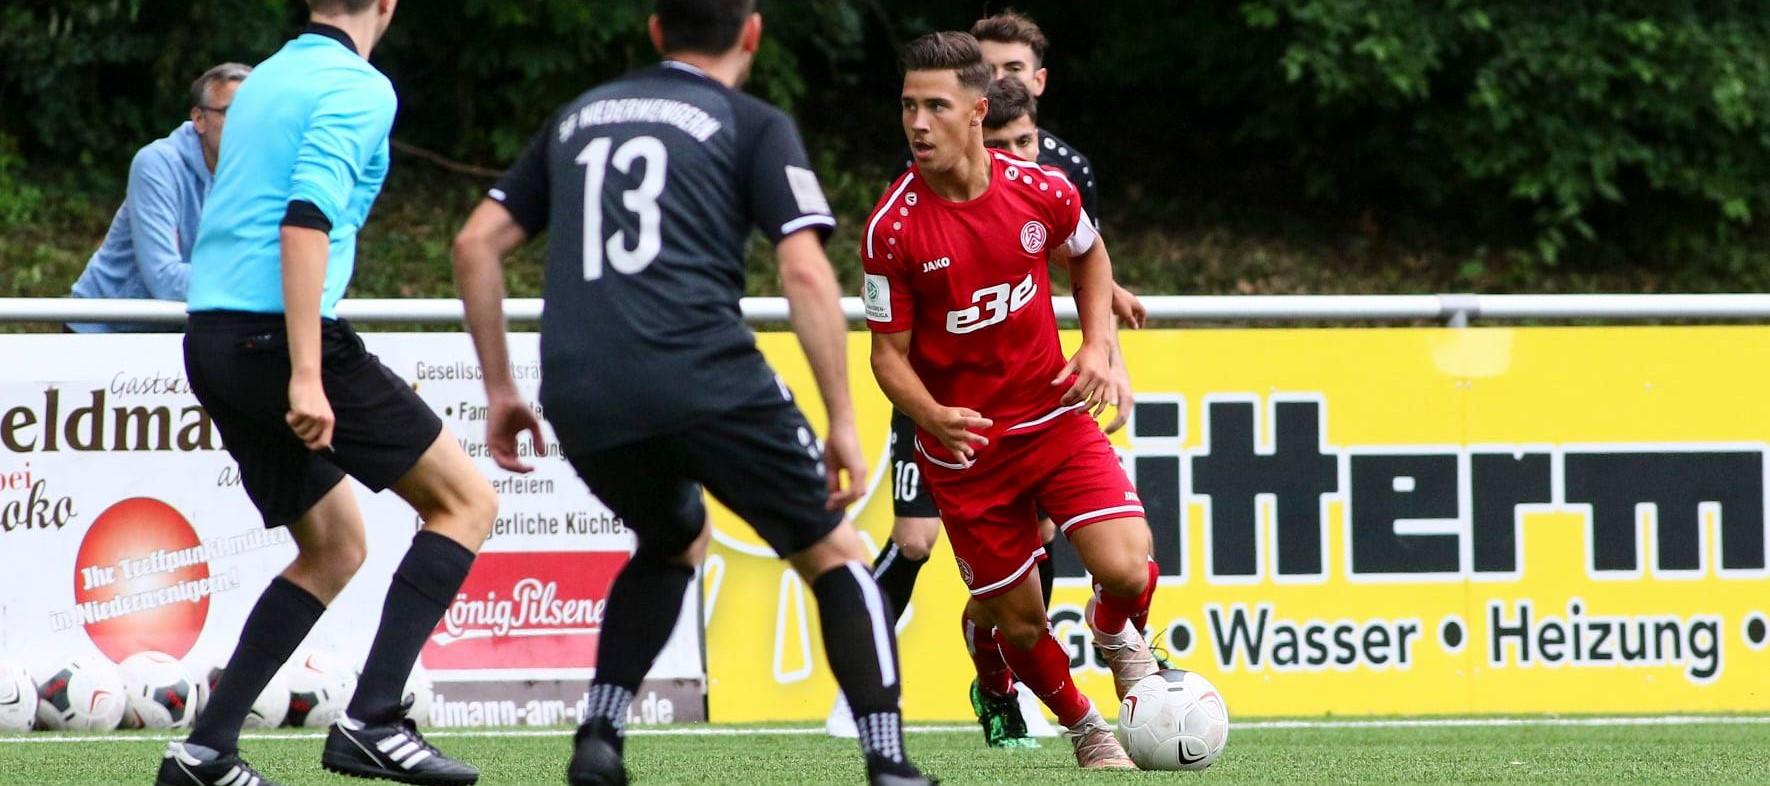 U19-Kapitän Guiliano Zimmerling im Testduell mit den Sportfreunden Niederwenigern. (Foto: Breilmannswiese)